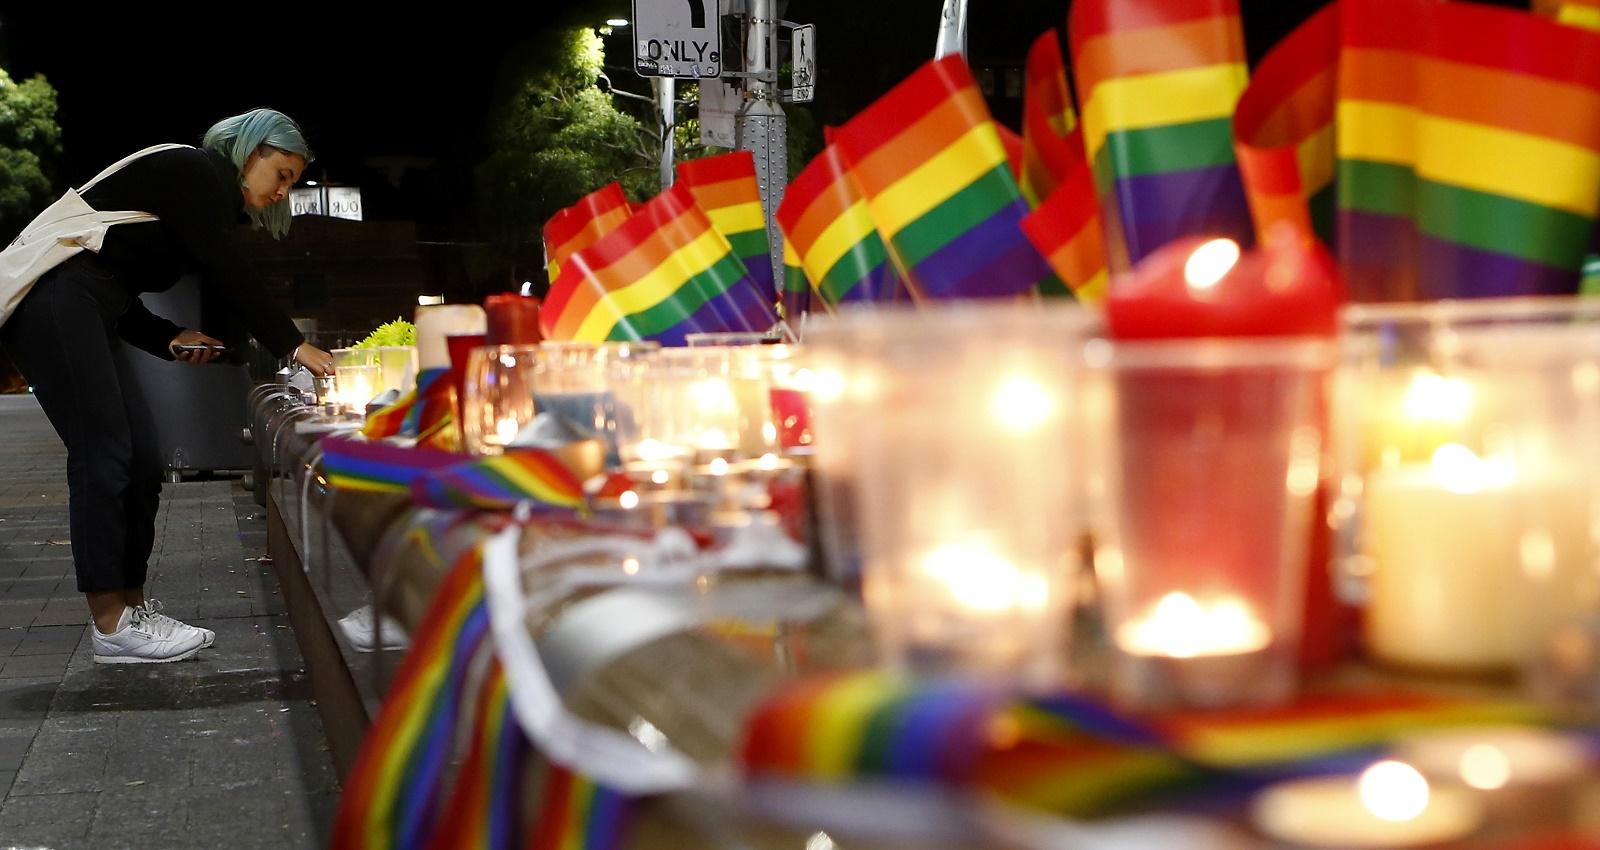 Plus de 40.000 voix pour un hommage aux victimes d'Orlando dans les stades de l'Euro 2016 (VIDEOS)